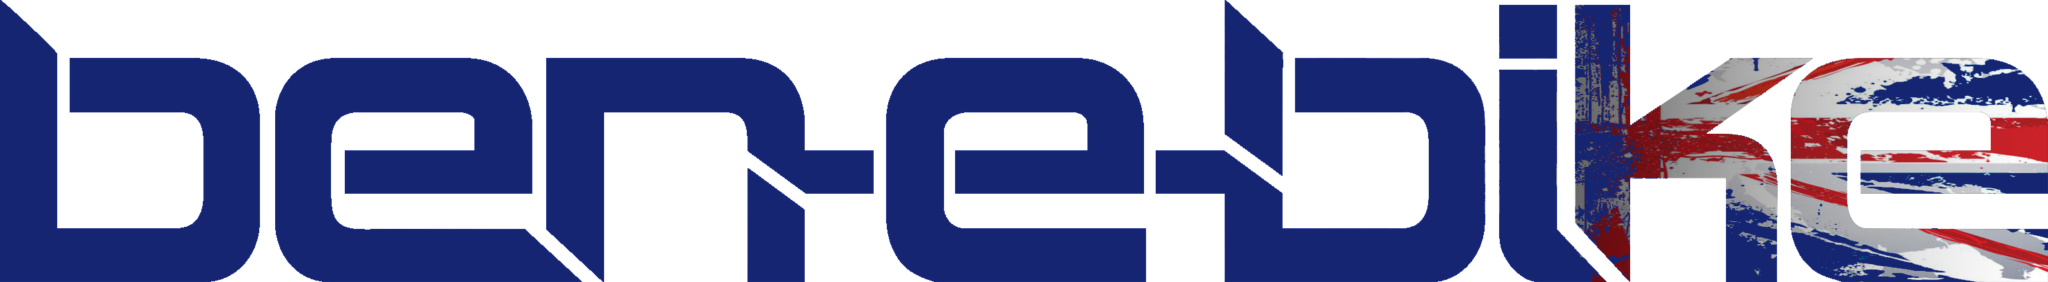 BEB_logo_dhv1_blue